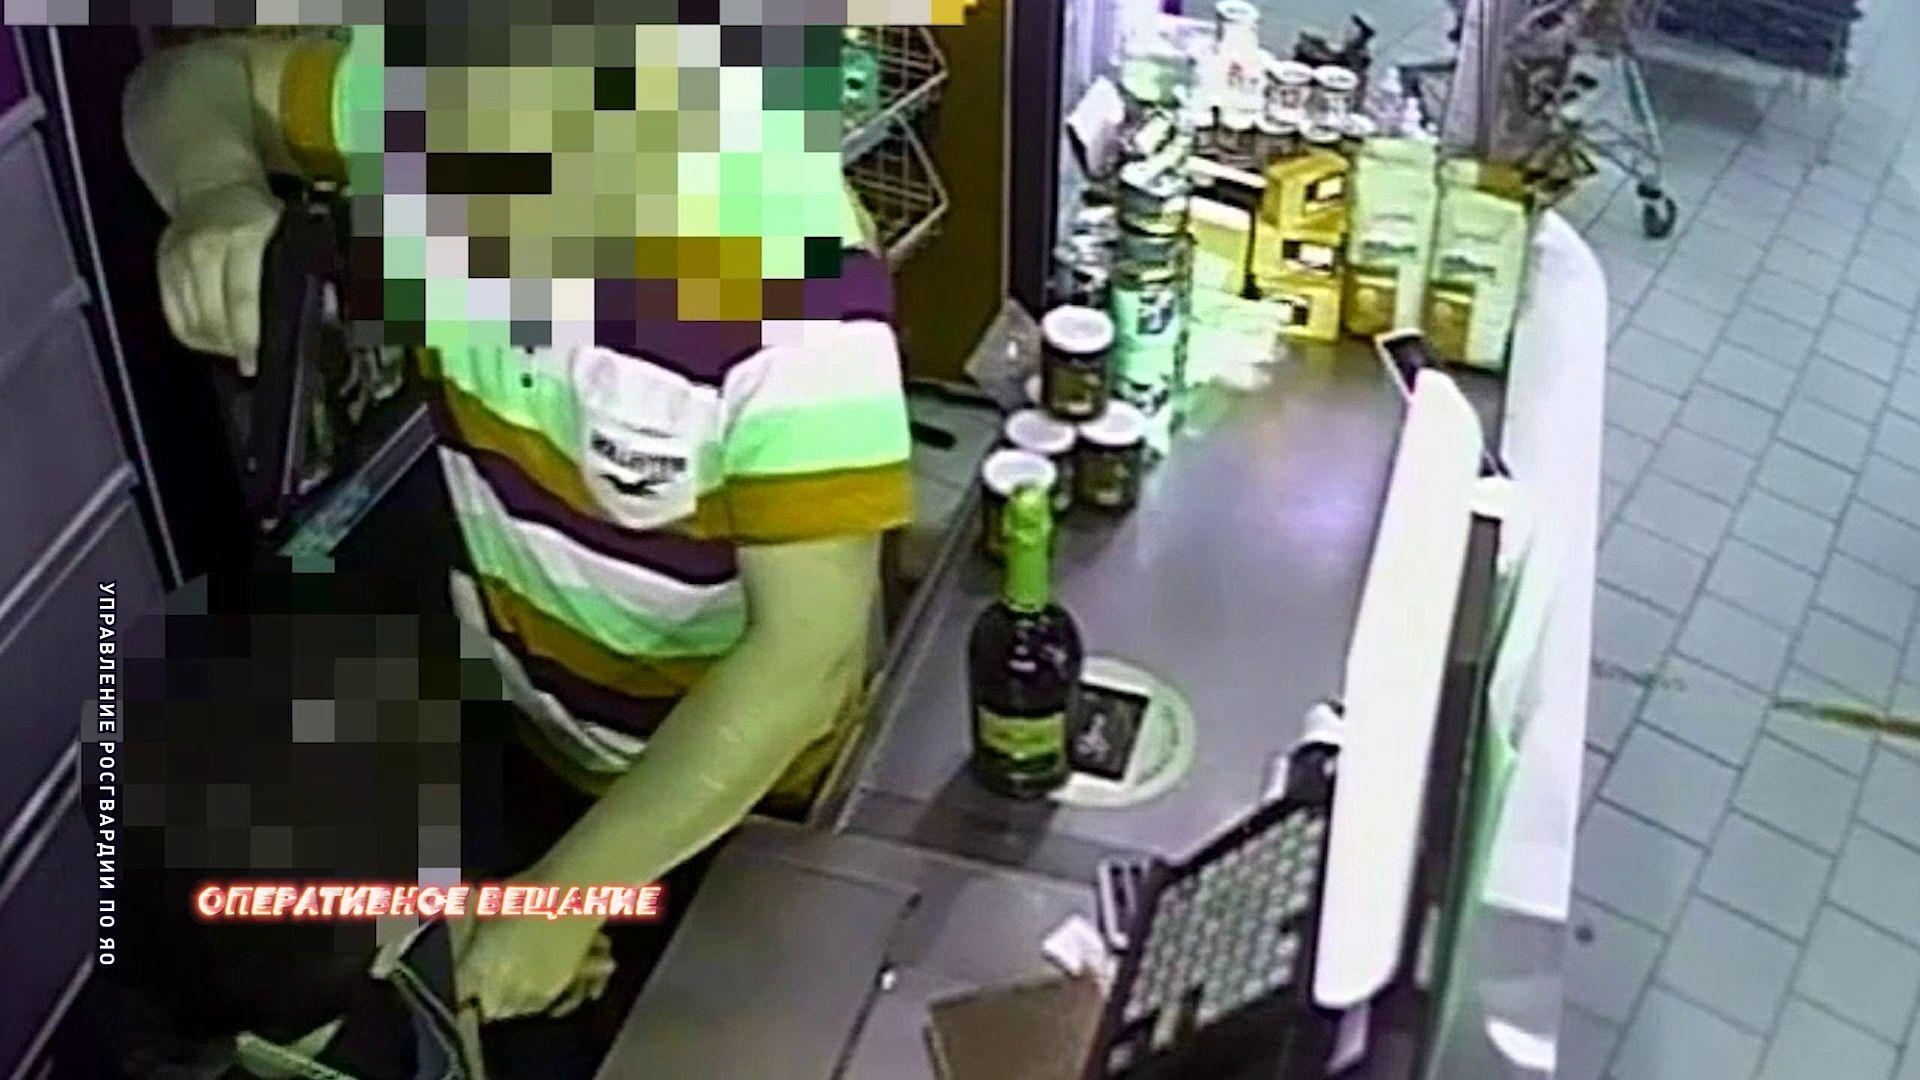 В Гаврилов-Яме молодой человек приставил пистолет к голове продавца